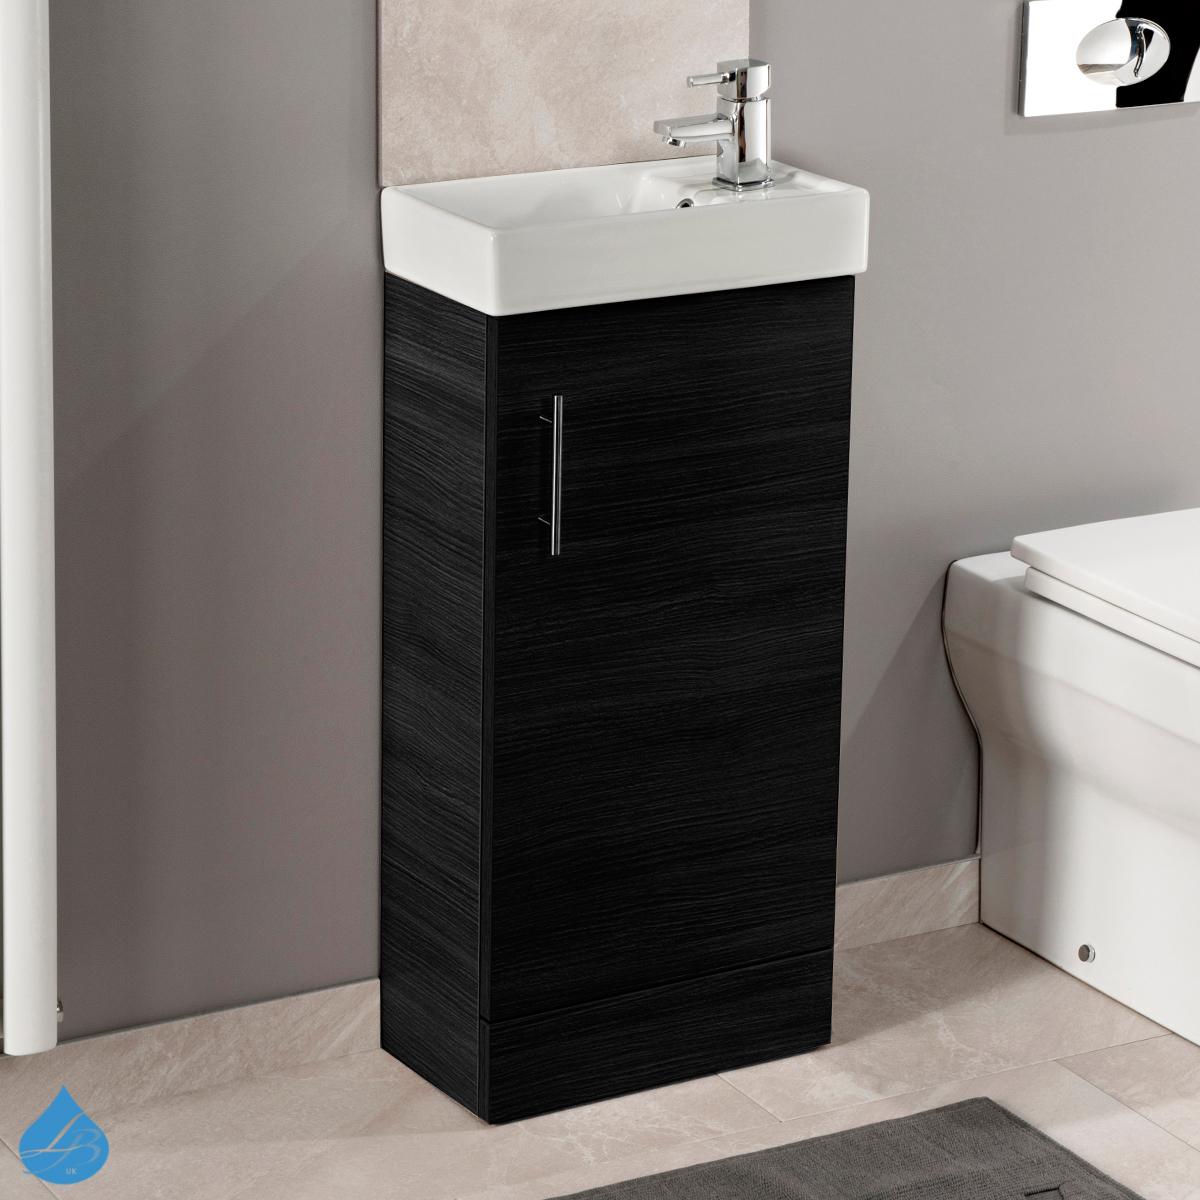 Minimalist Compact 400mm Vanity Unit Basin Bathroom Cloakroom Black Ash Ebay